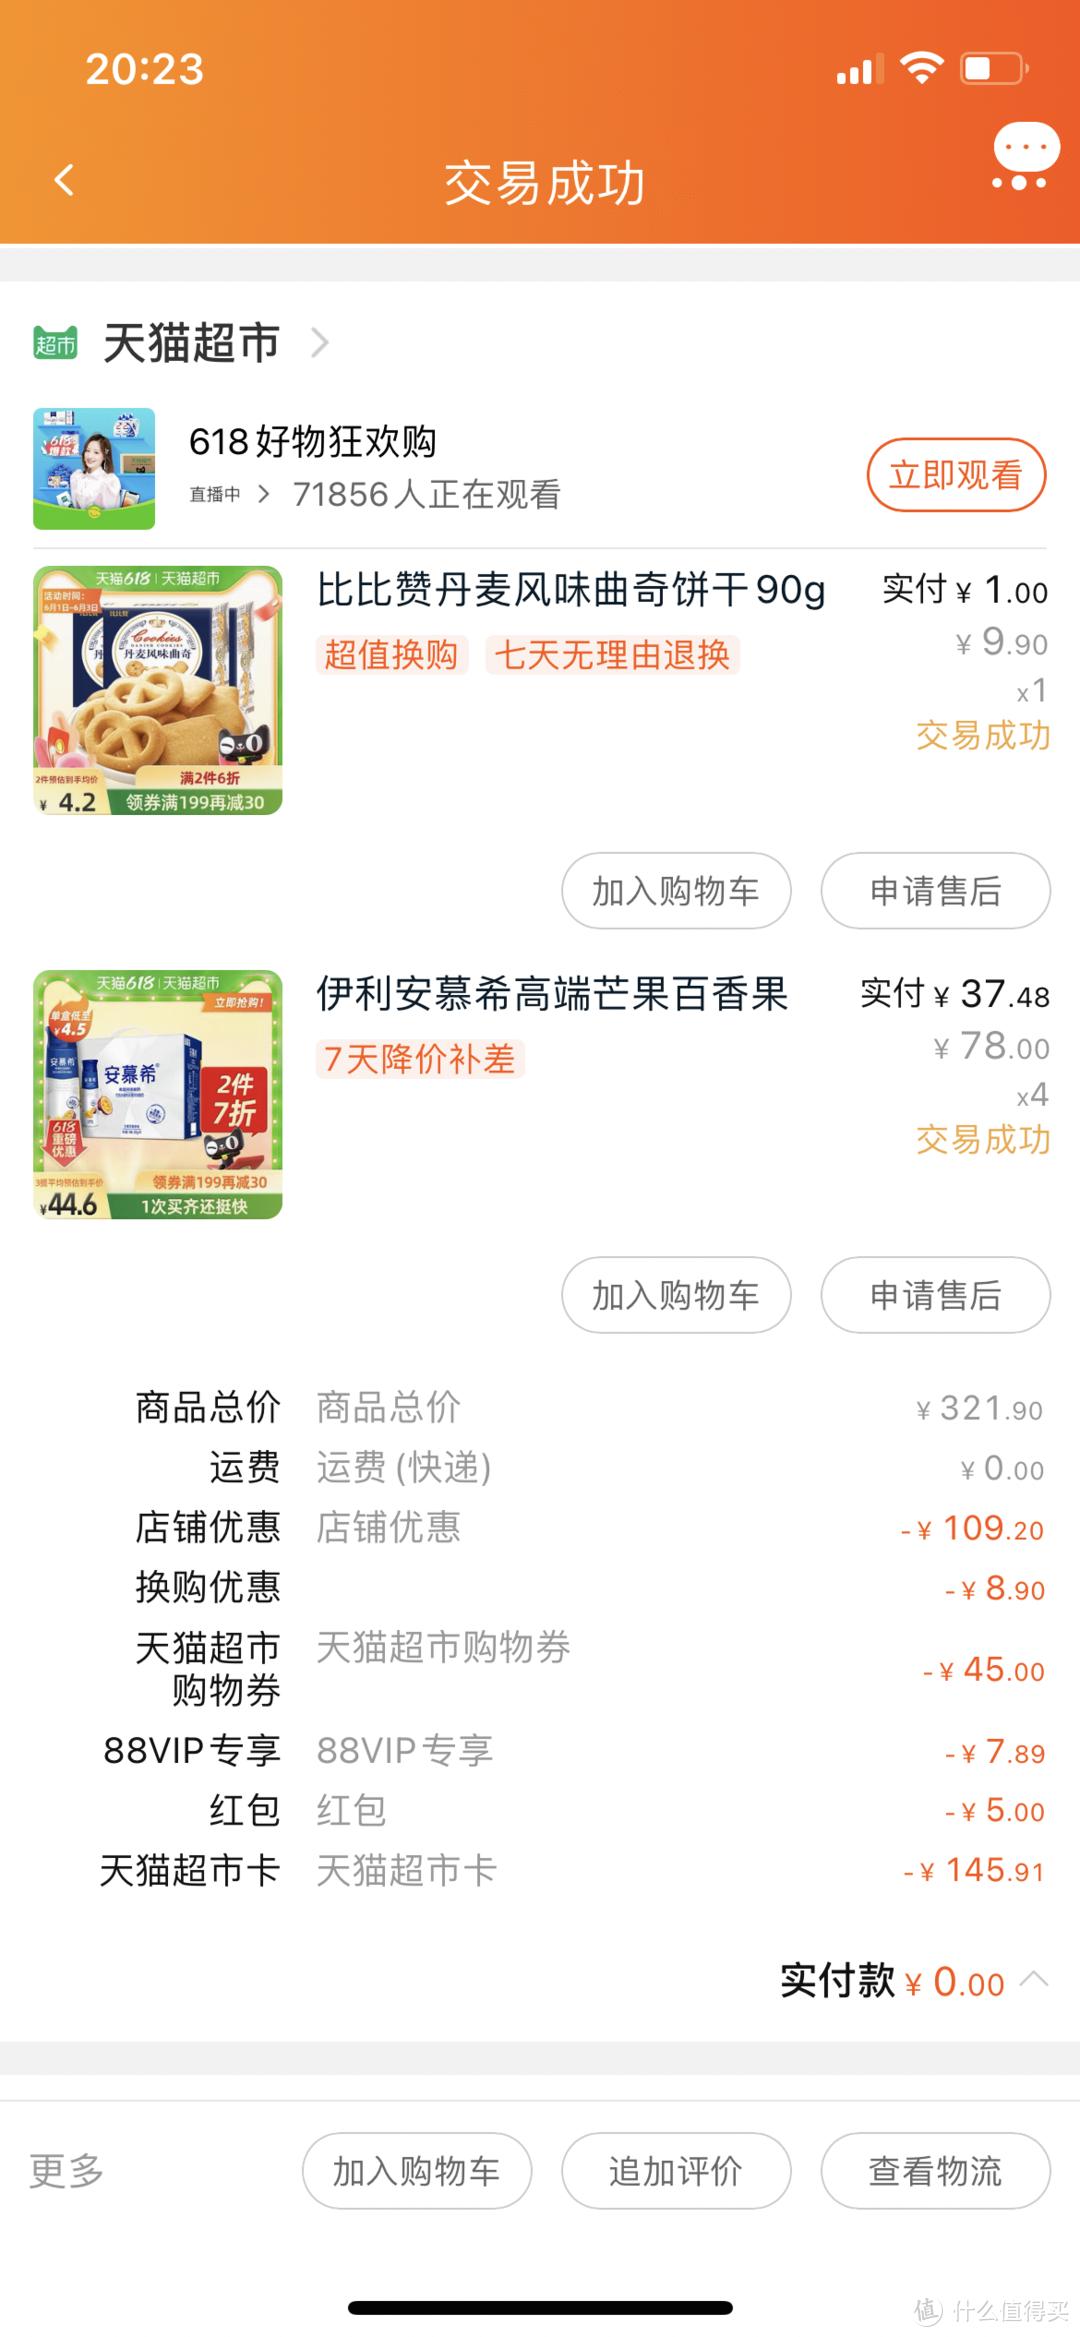 天猫超市囤货安慕希高端芒果百香果230g×10瓶装小记